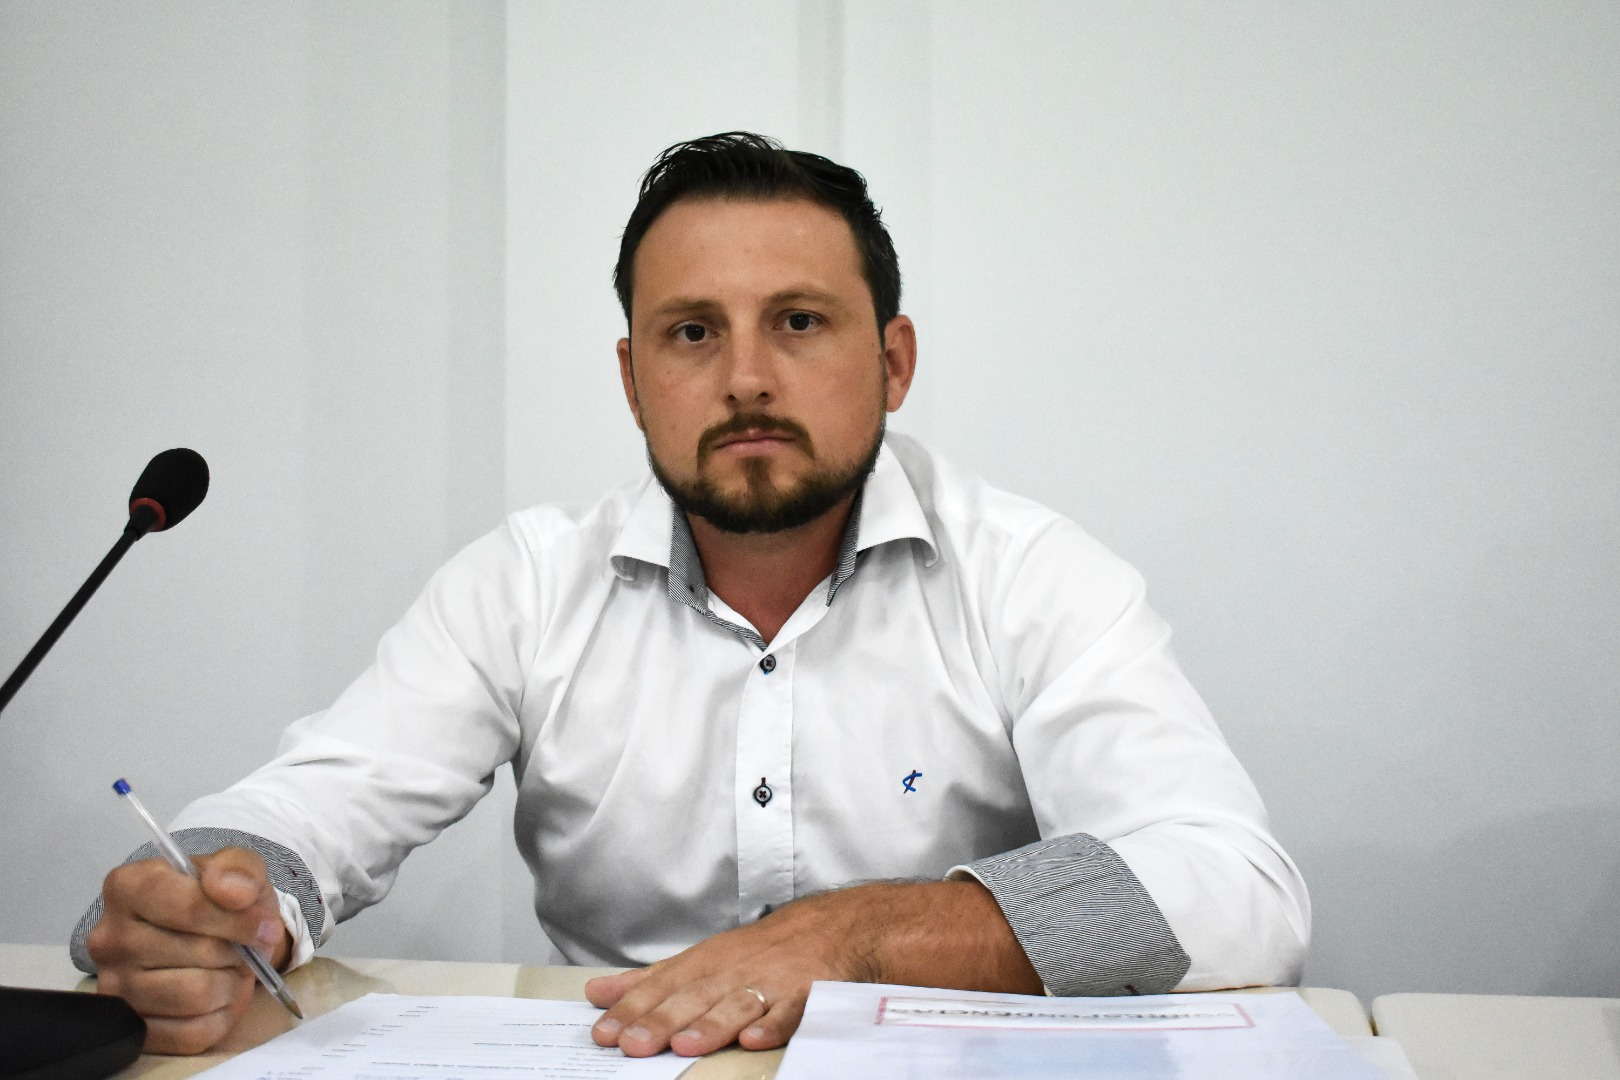 Câmara de Vereadores de Iporã do Oeste elege nova mesa diretora